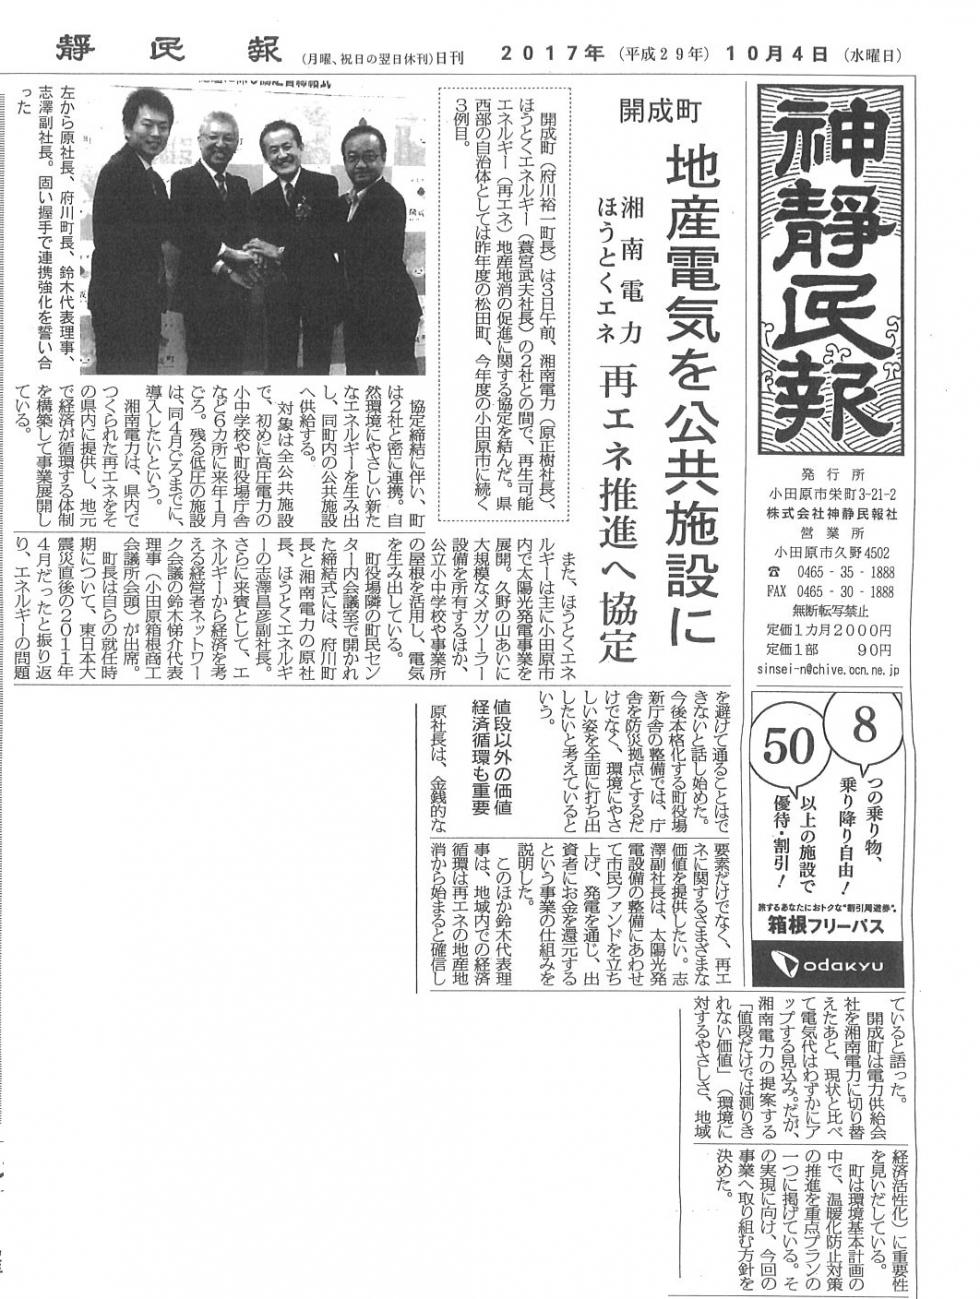 2017年10月3日、ほうとくエネルギー、湘南電力は、開成町との間に再生可能エネルギー地産地消の促進に関する協定を結びました